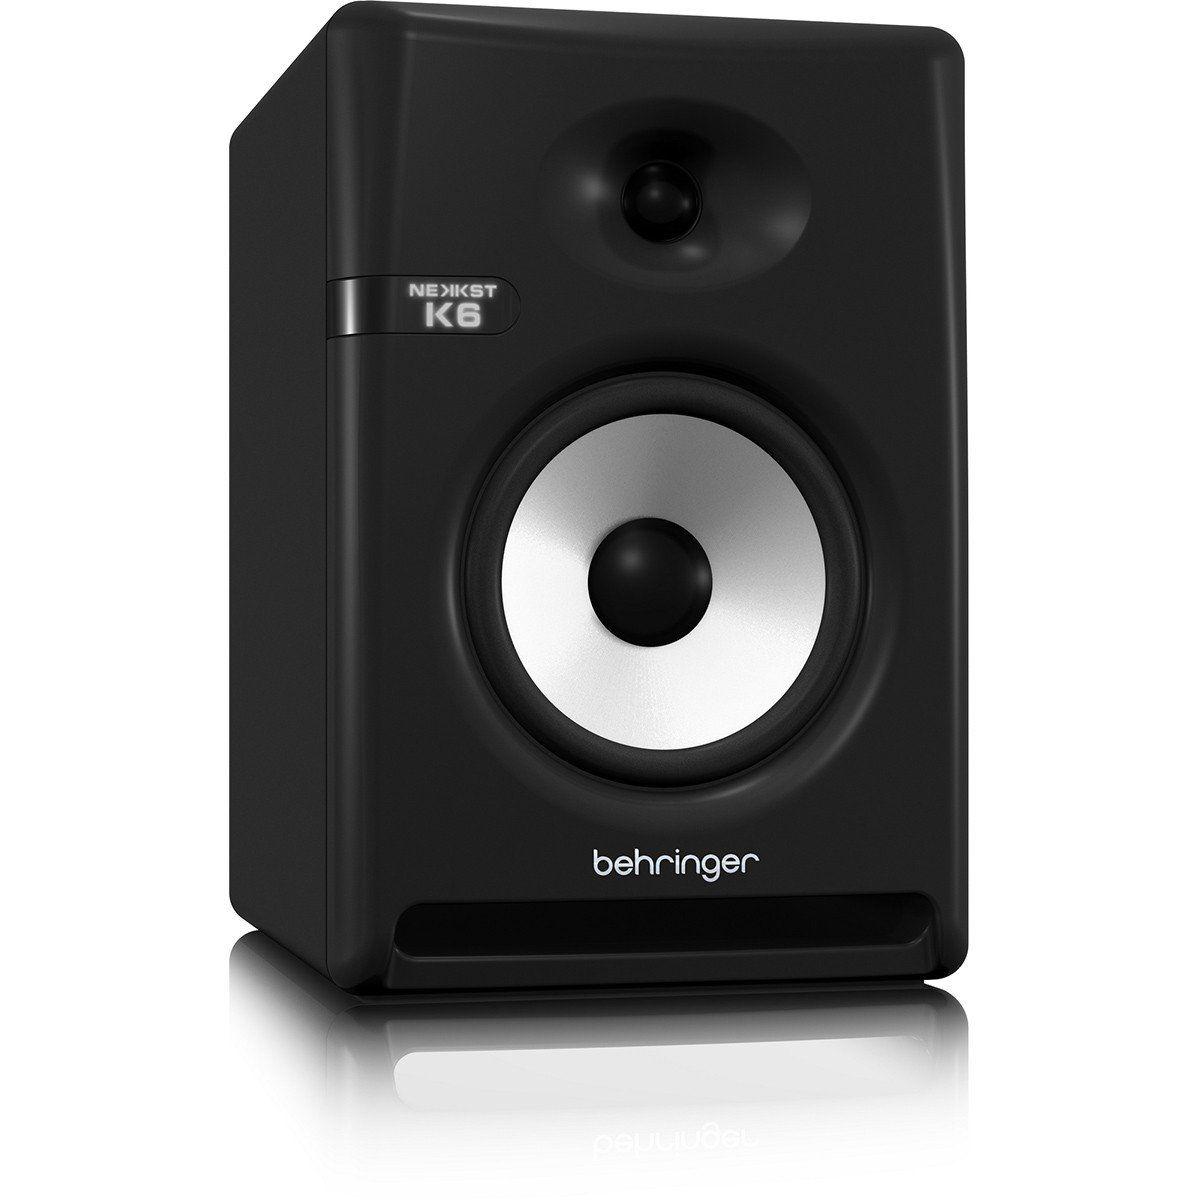 Behringer Nekkst K6 Monitor de Áudio Behringer NekkstK6 de 150W